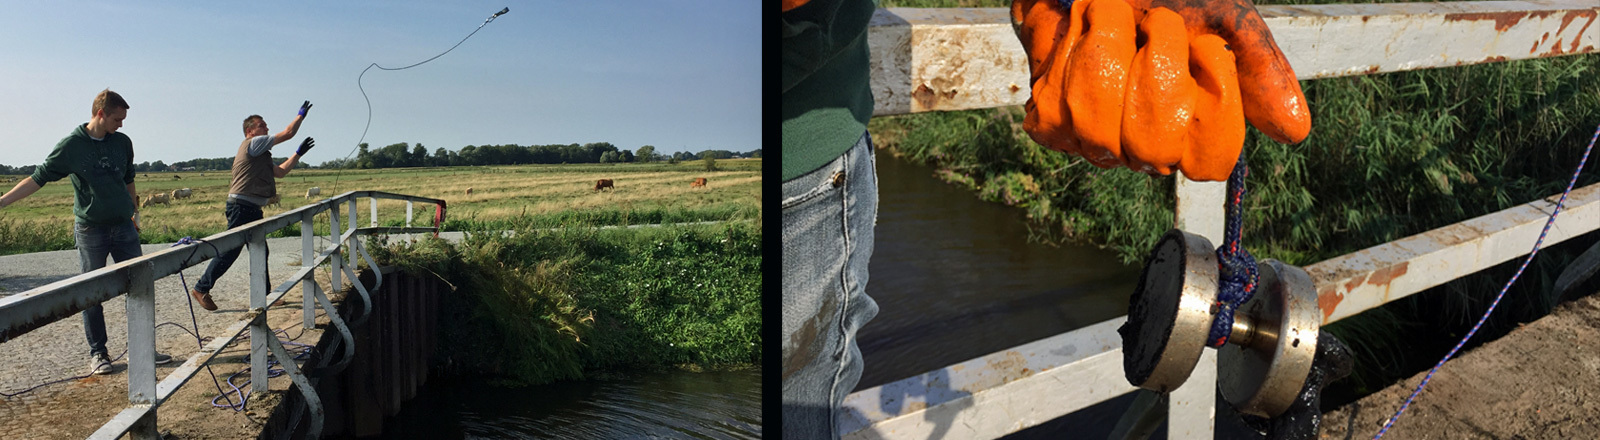 Magnetangler oder Magnetfischer werfen von einer Brücke die Schnur ins Wasser. An dem Haken hängt ein sehr starker Magnet.